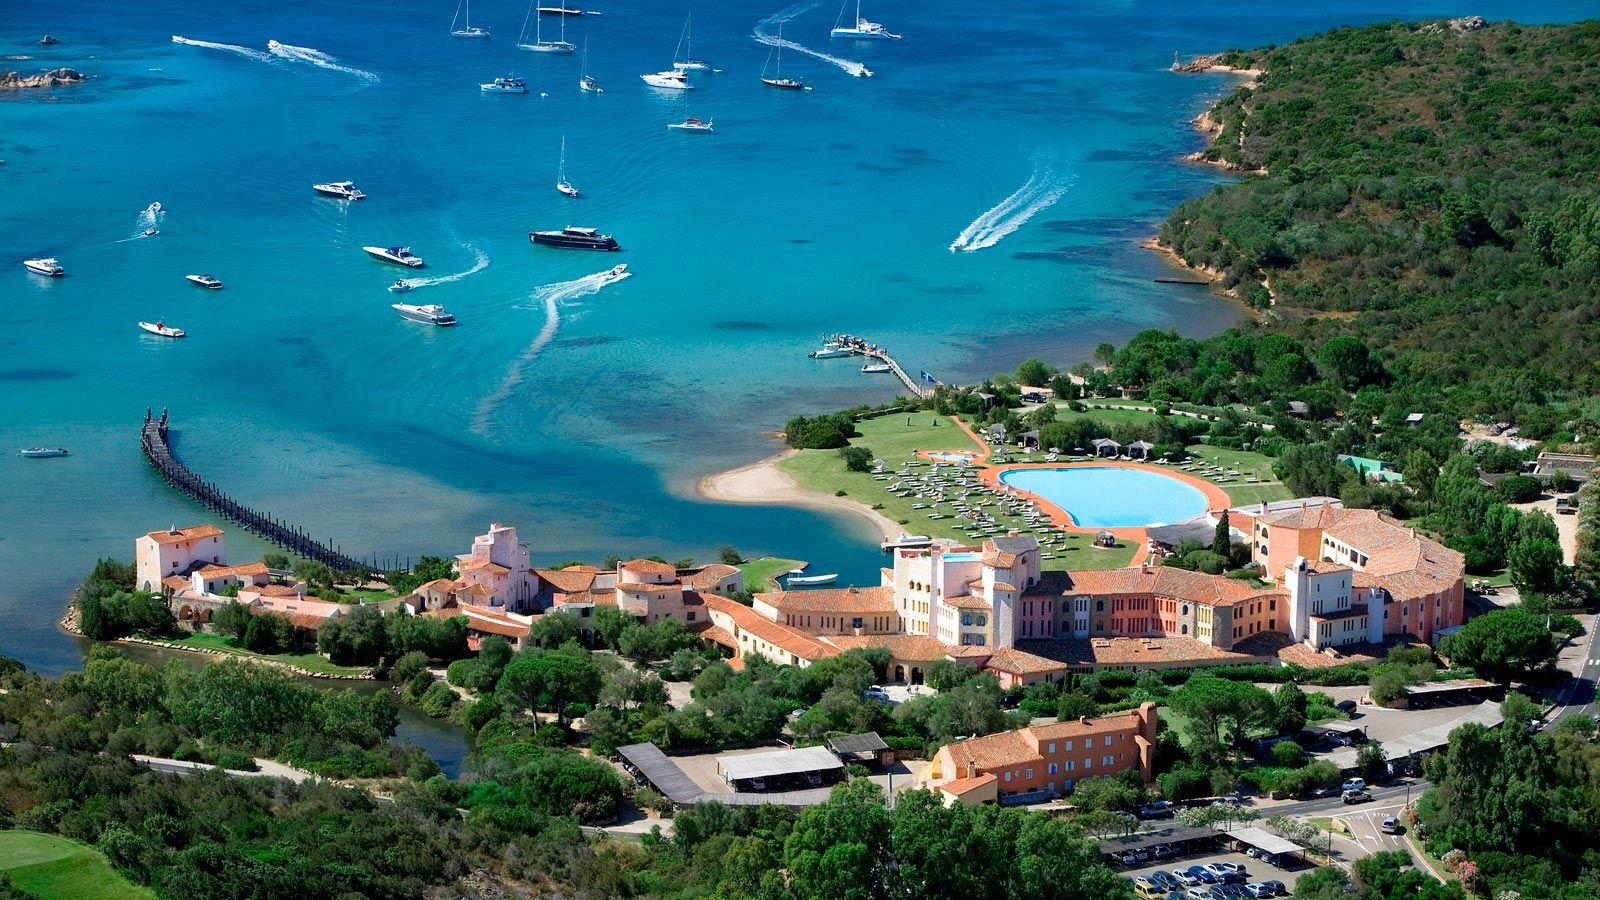 """VIP-Treatments für die Superreichen - Über """"die"""" Luxusreiseveranstalter auf Sardinien - Exklusiver Reise-Report jetzt bei HOTELIER TV: http://www.hoteliertv.net/reise-touristik/vip-treatments-für-die-superreichen-über-die-luxusreiseveranstalter-auf-sardinien/"""